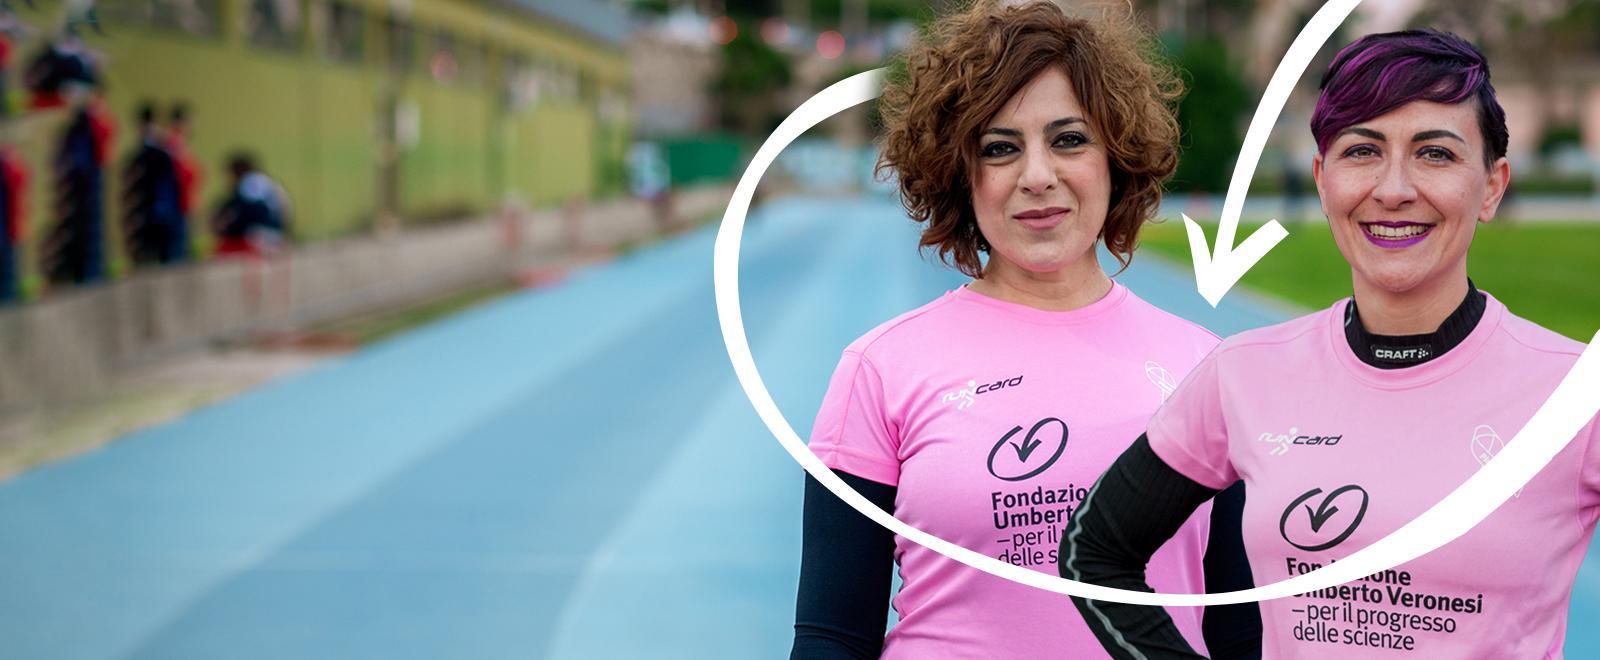 Pink - La forza delle donne